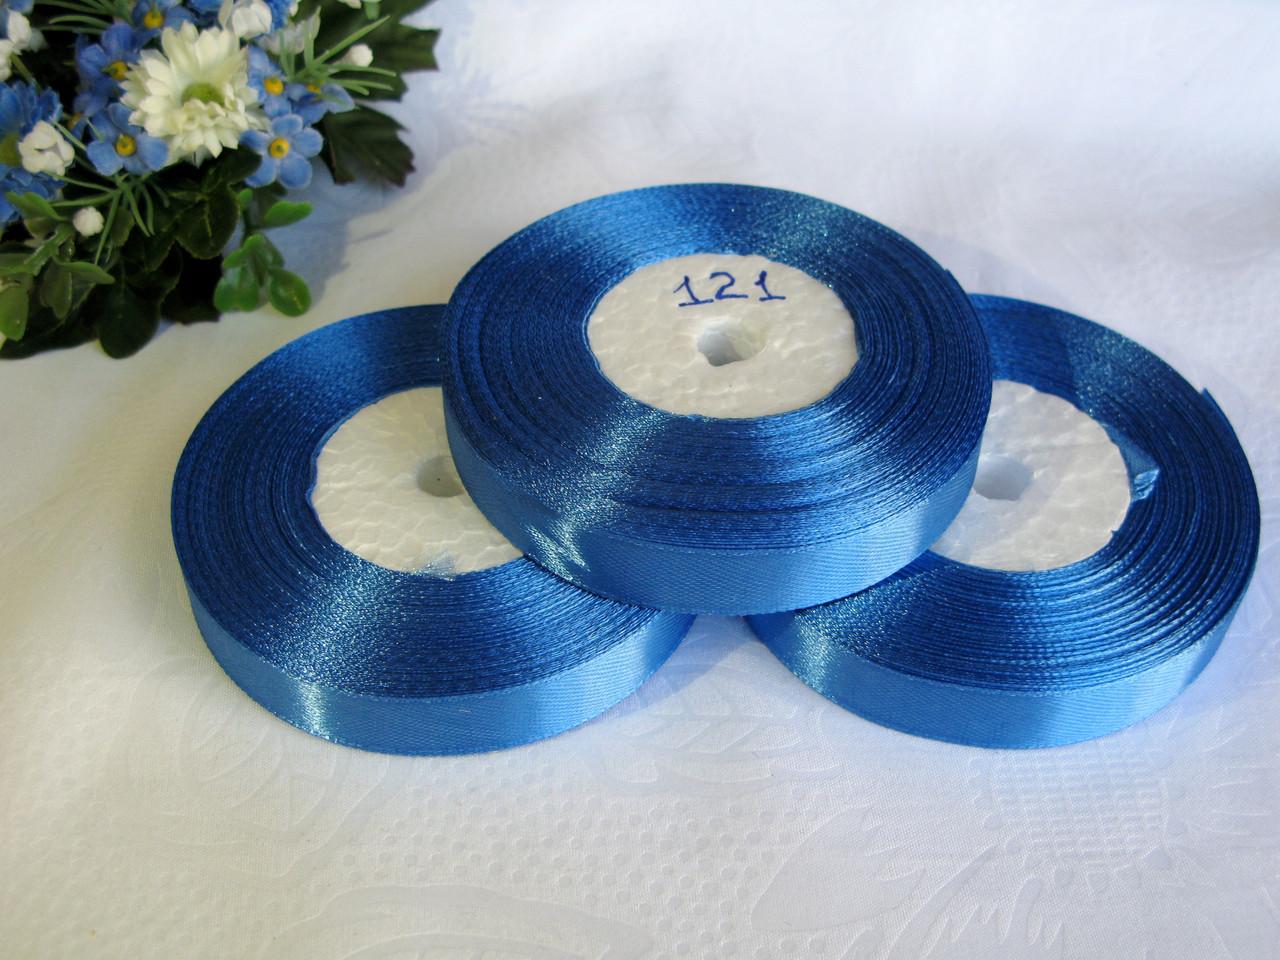 Атласная лента 1.2 см цвет - синий (121)  бобина 23 м